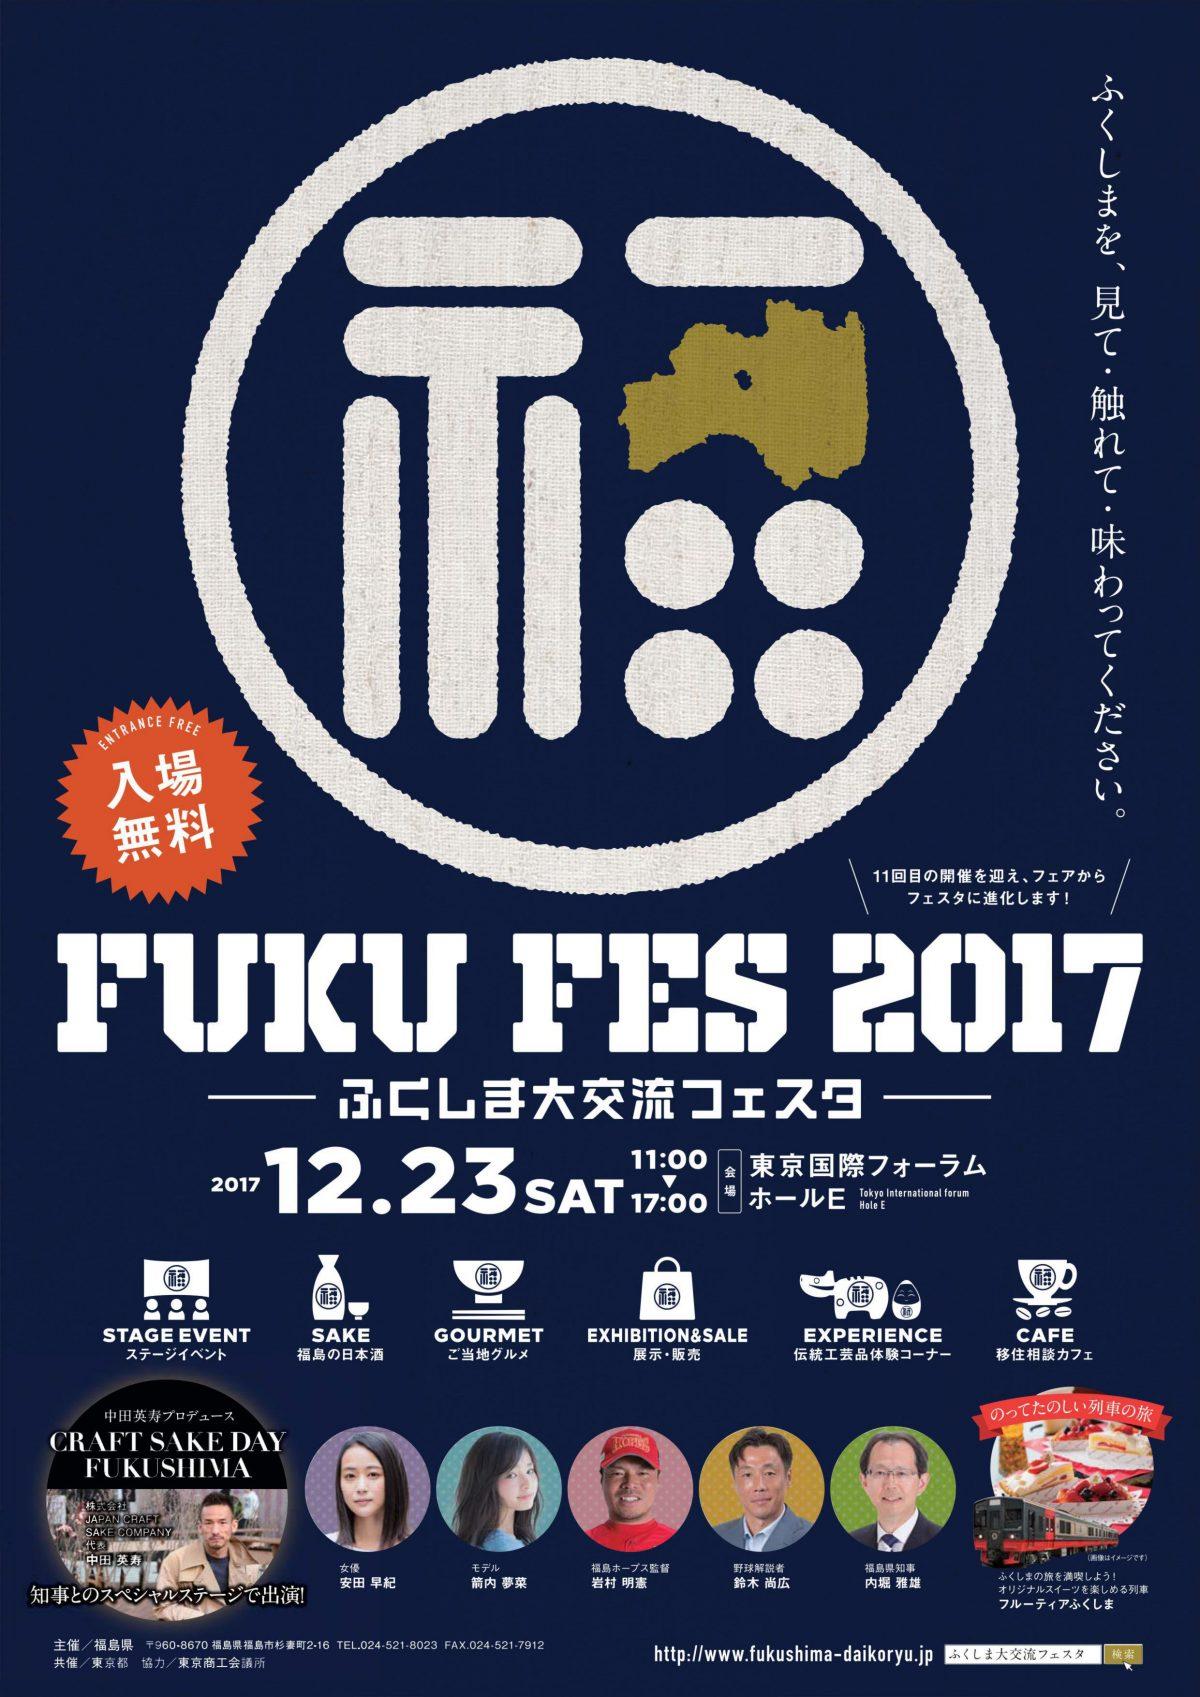 ふくしまを、見て・触れて・味わってください。FUKU FES 2017 ふくしま大交流フェスタ